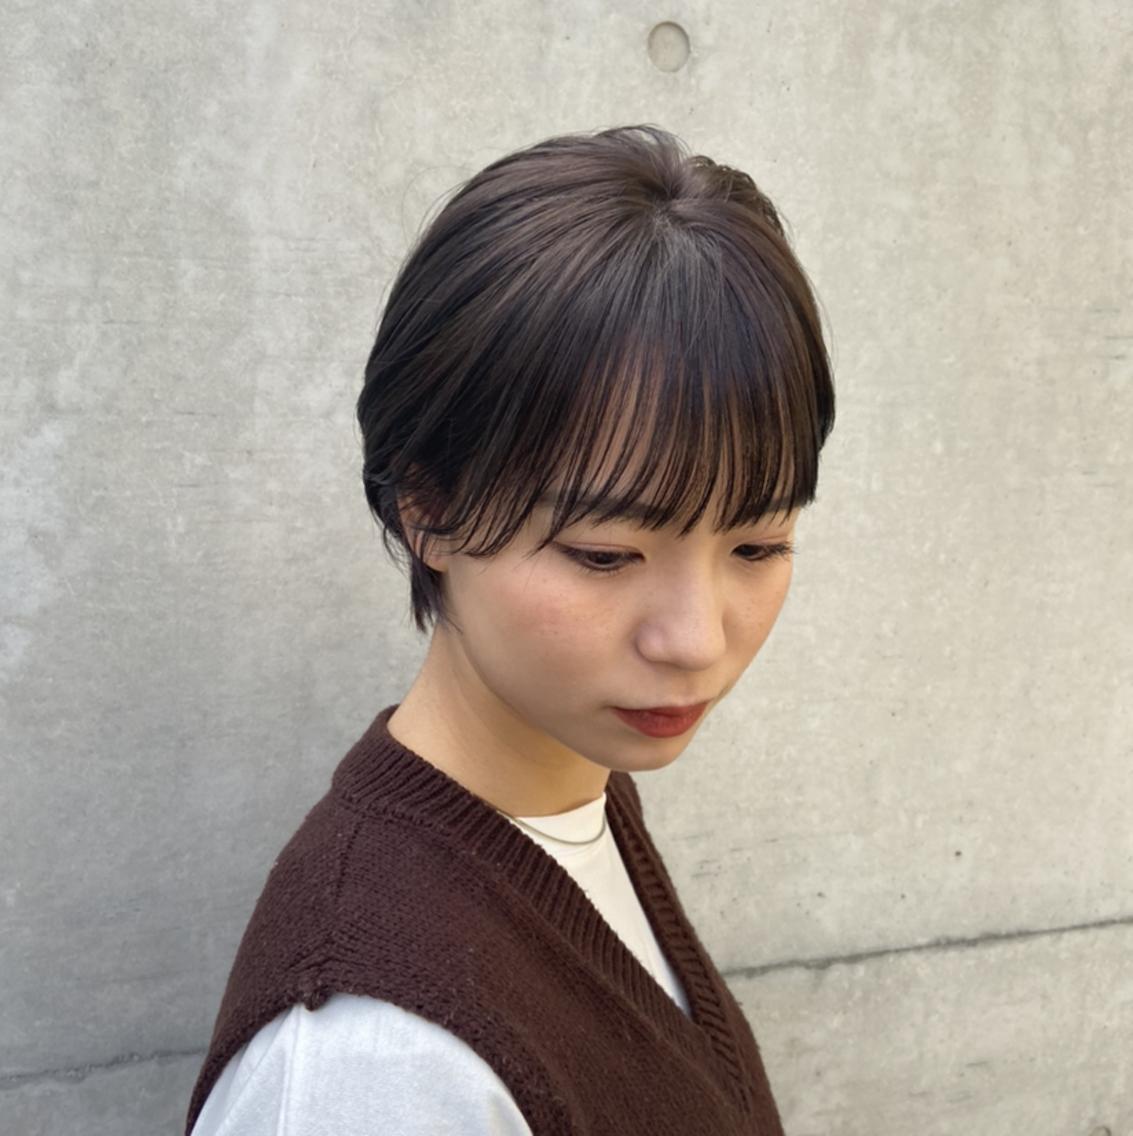 polon所属・🌈モテ髪ヘア🌈Shoyaの掲載